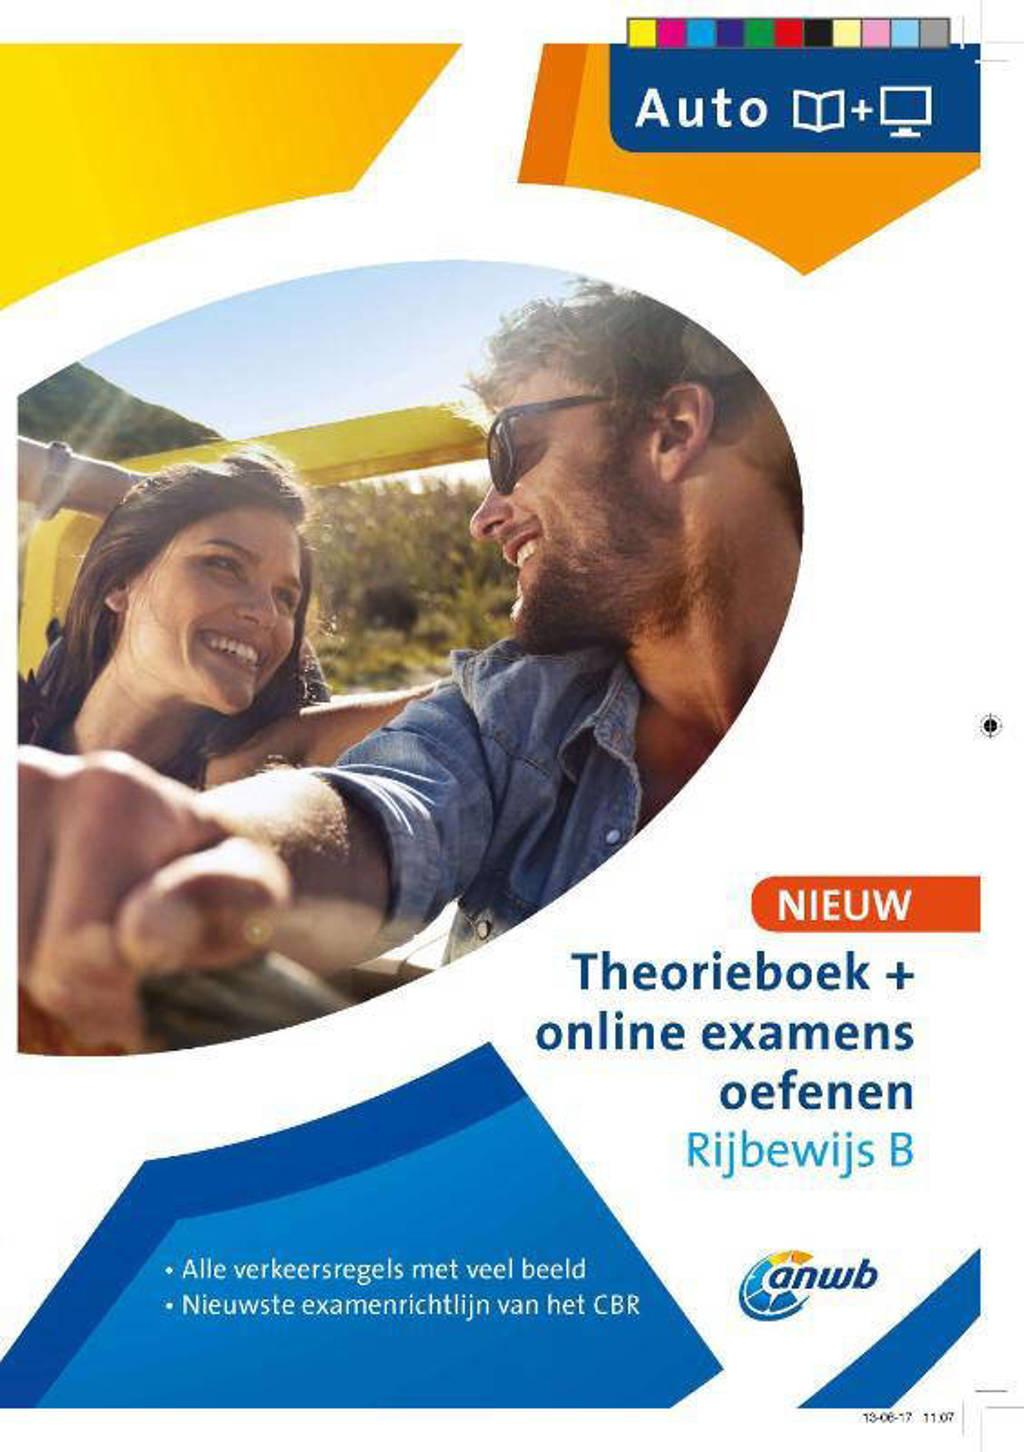 Theorieboek rijbewijs B - ANWB